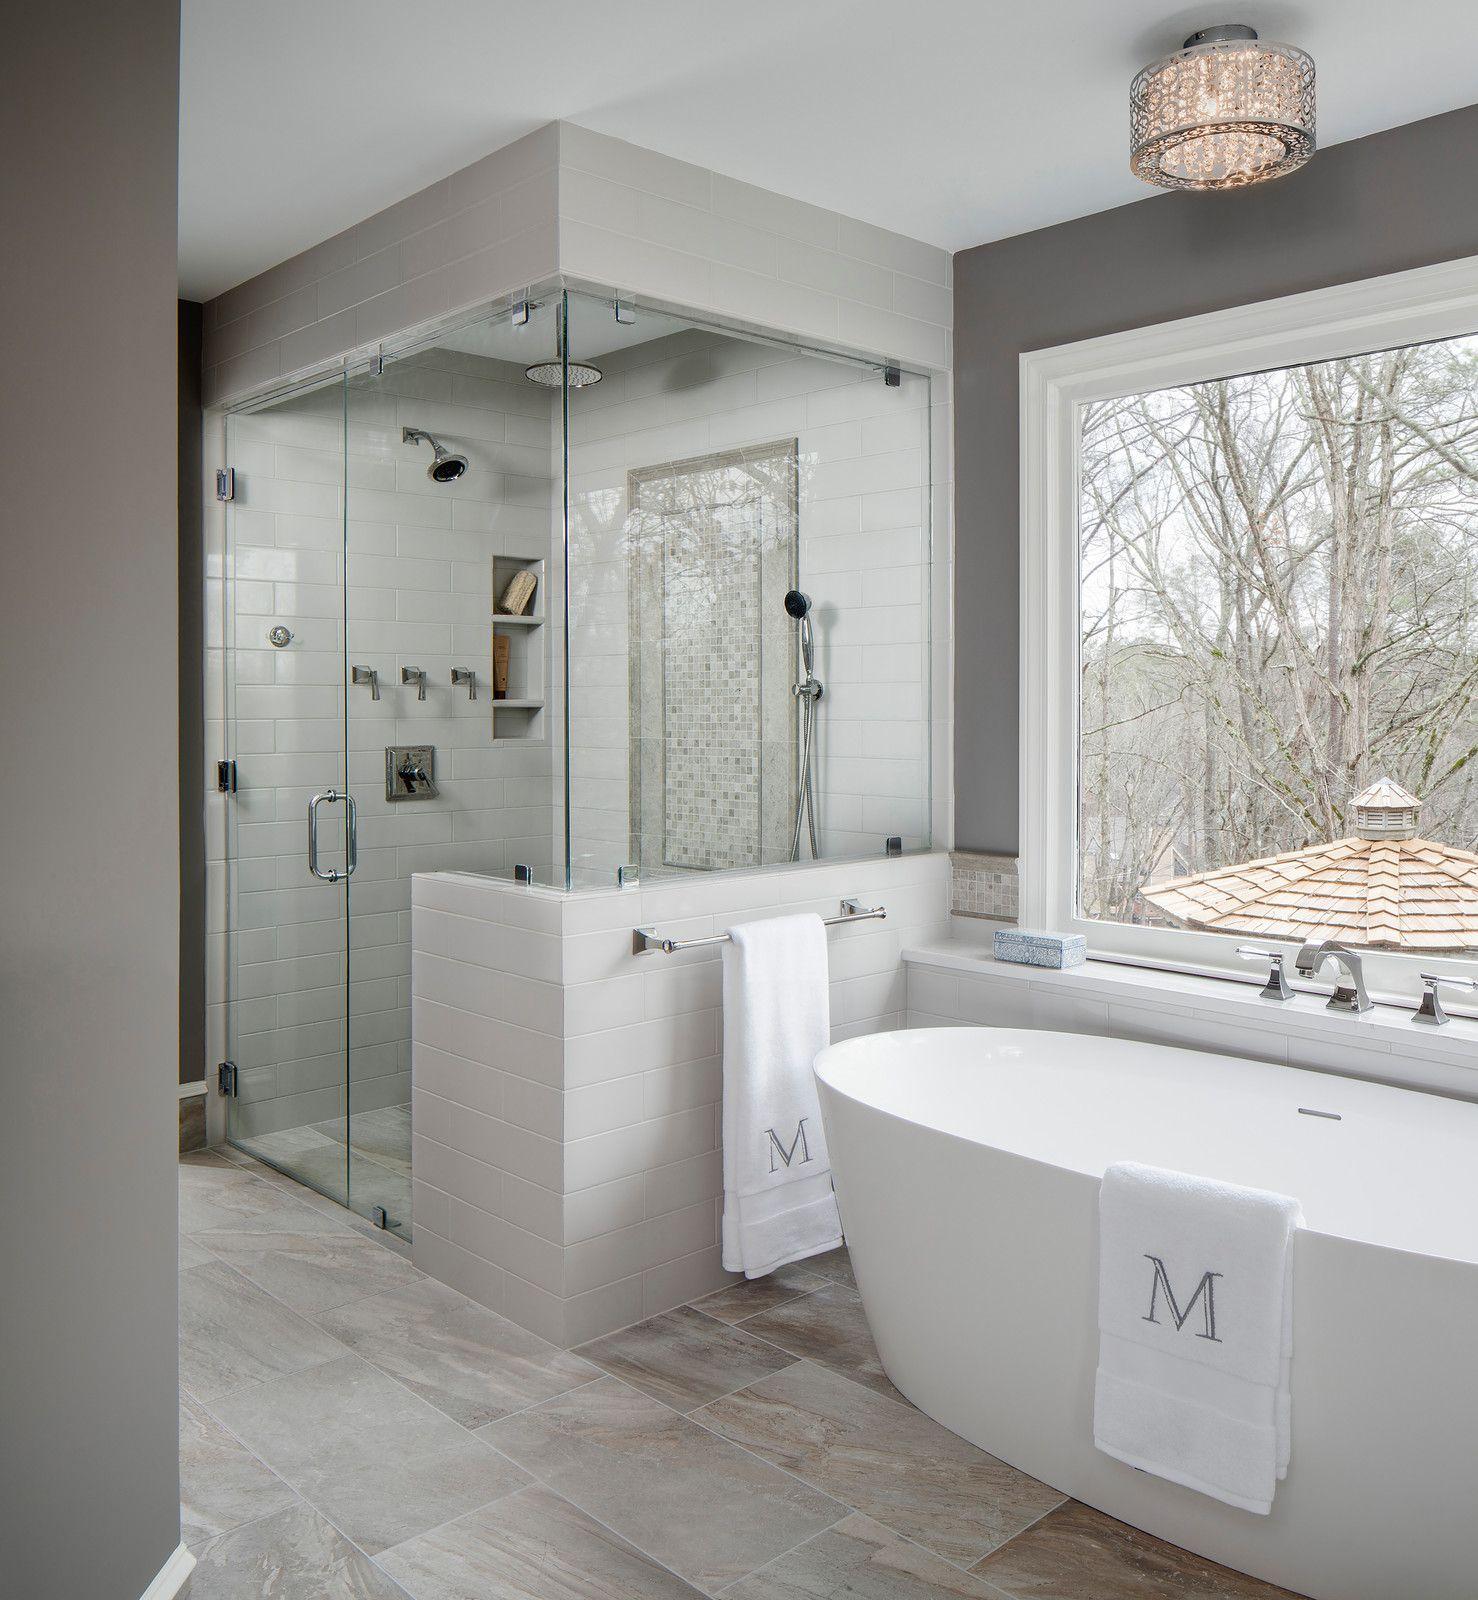 Inspiration For A Large Transitional Master Gray Tile And Ceramic Tile Porcelai Modern Bathroom Remodel Small Bathroom Remodel Designs Bathroom Remodel Designs